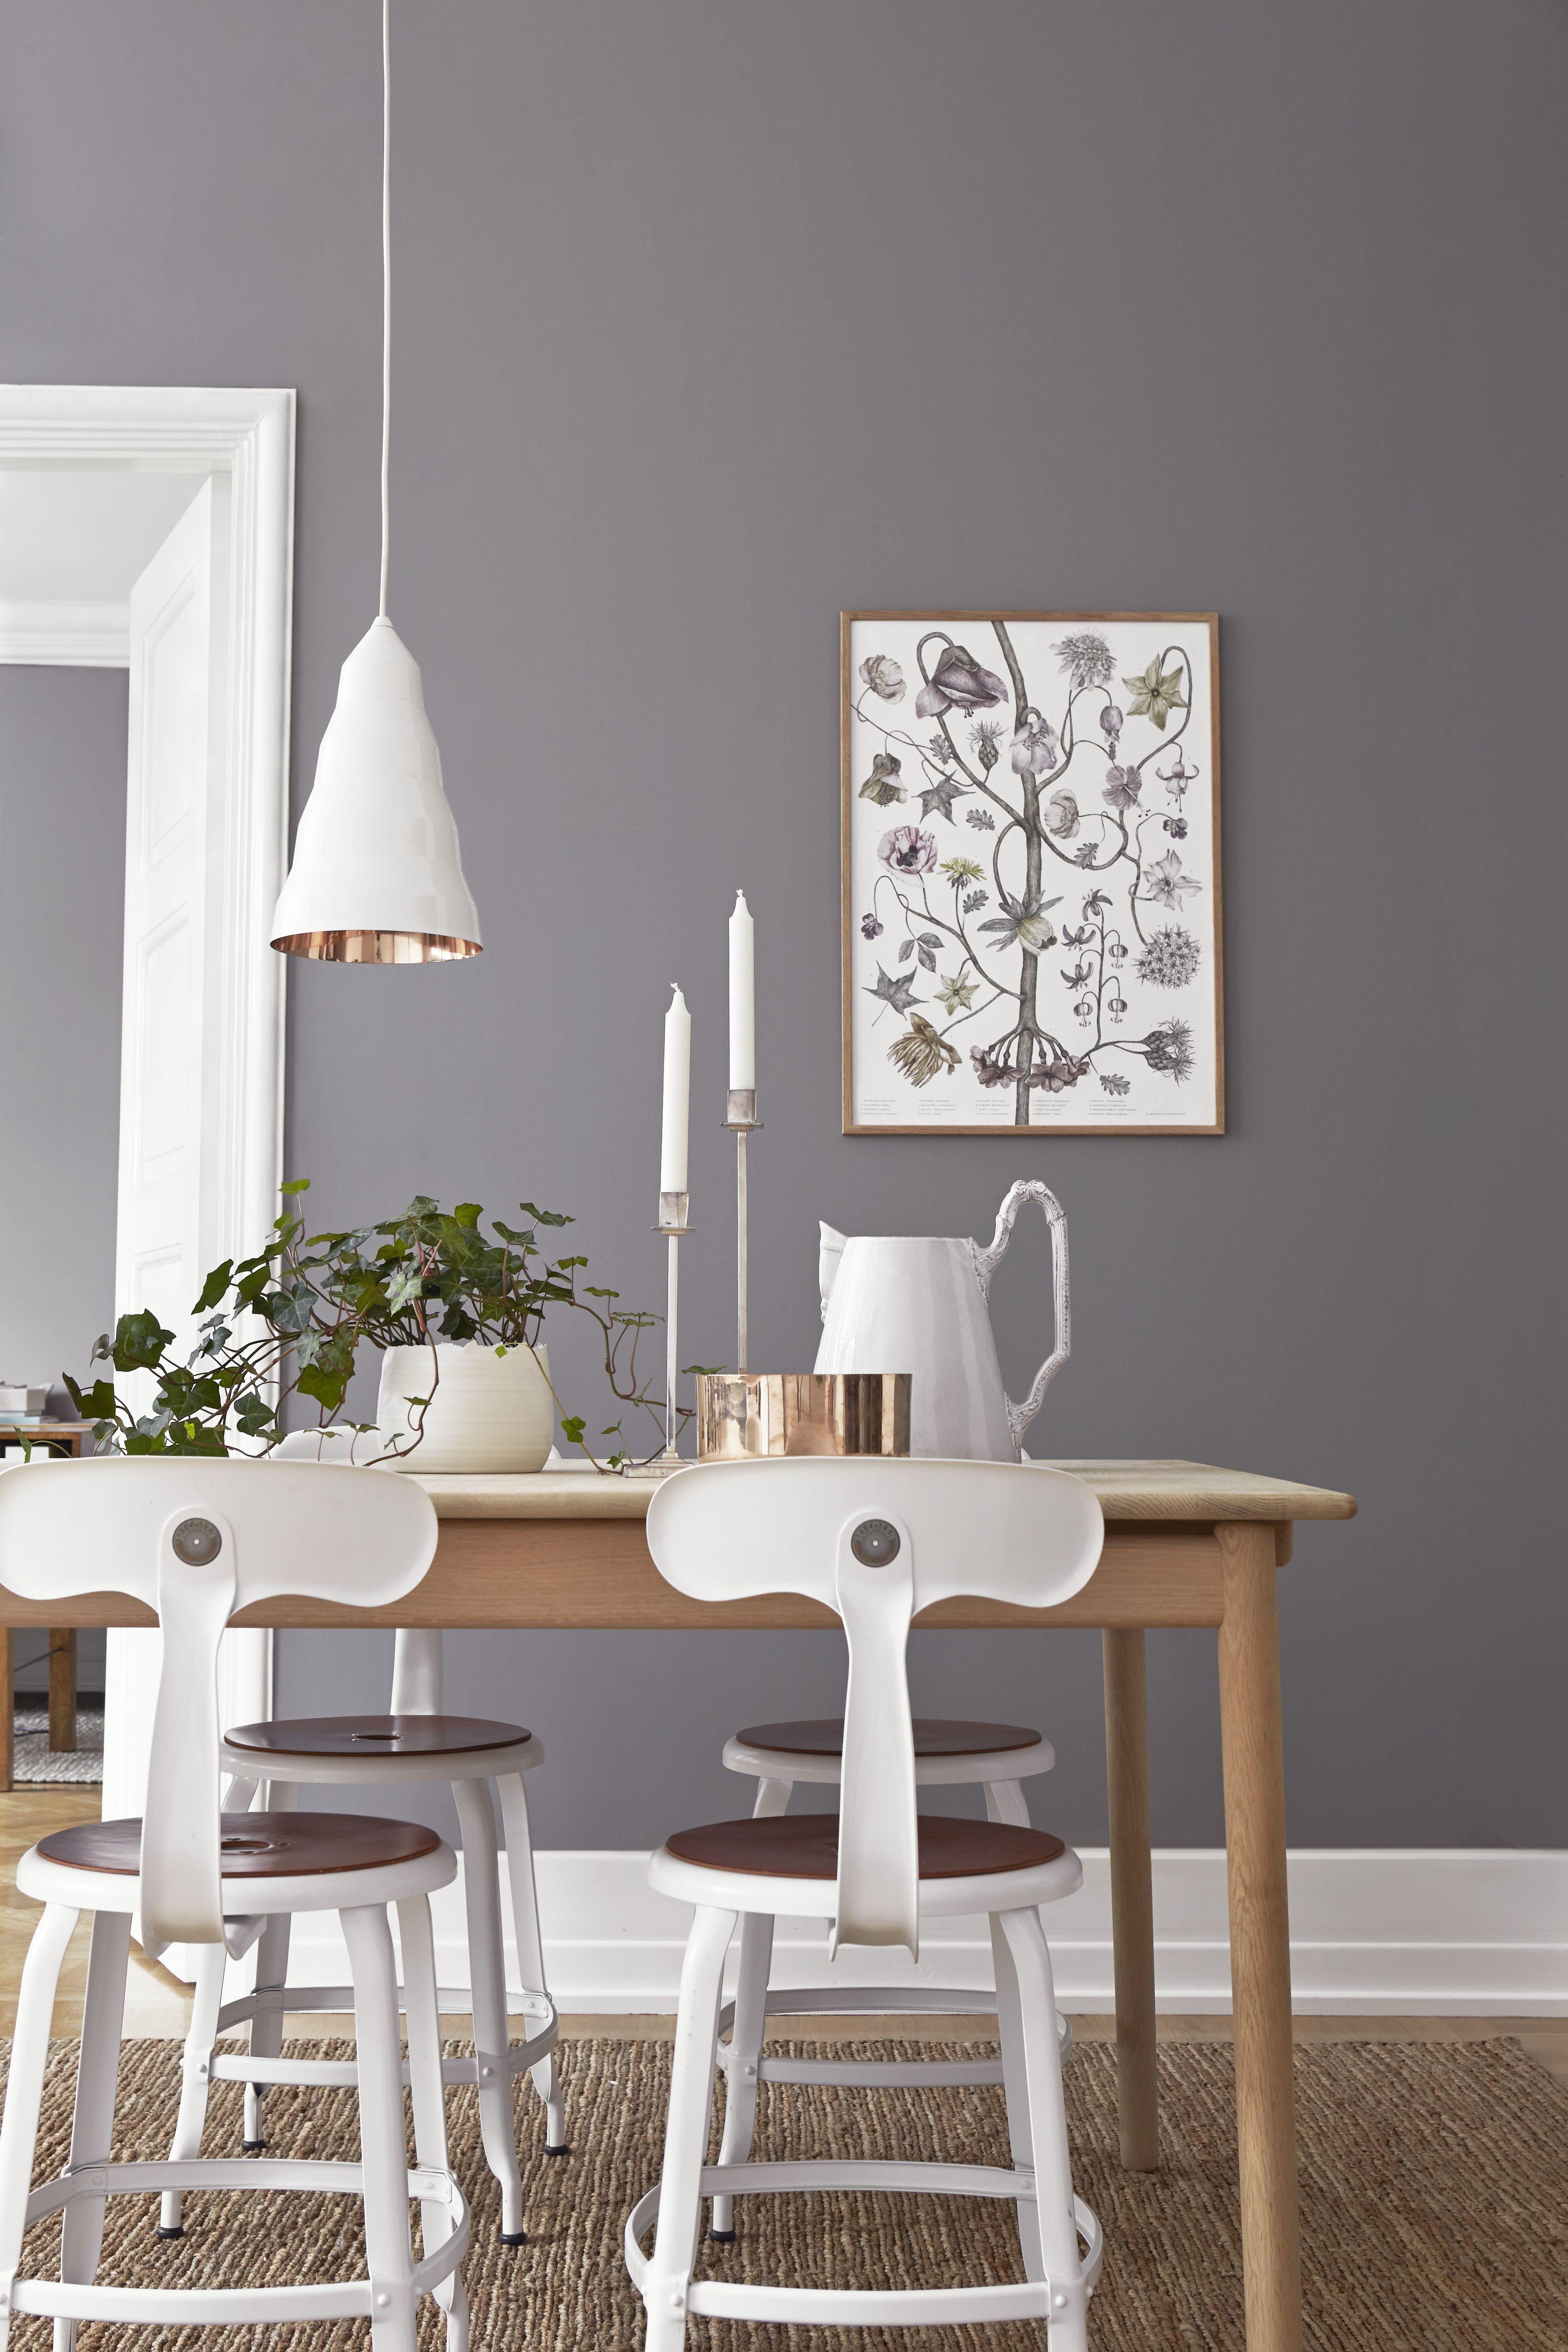 Uberlegen Pigment Wallpaper, Borås Tapeter